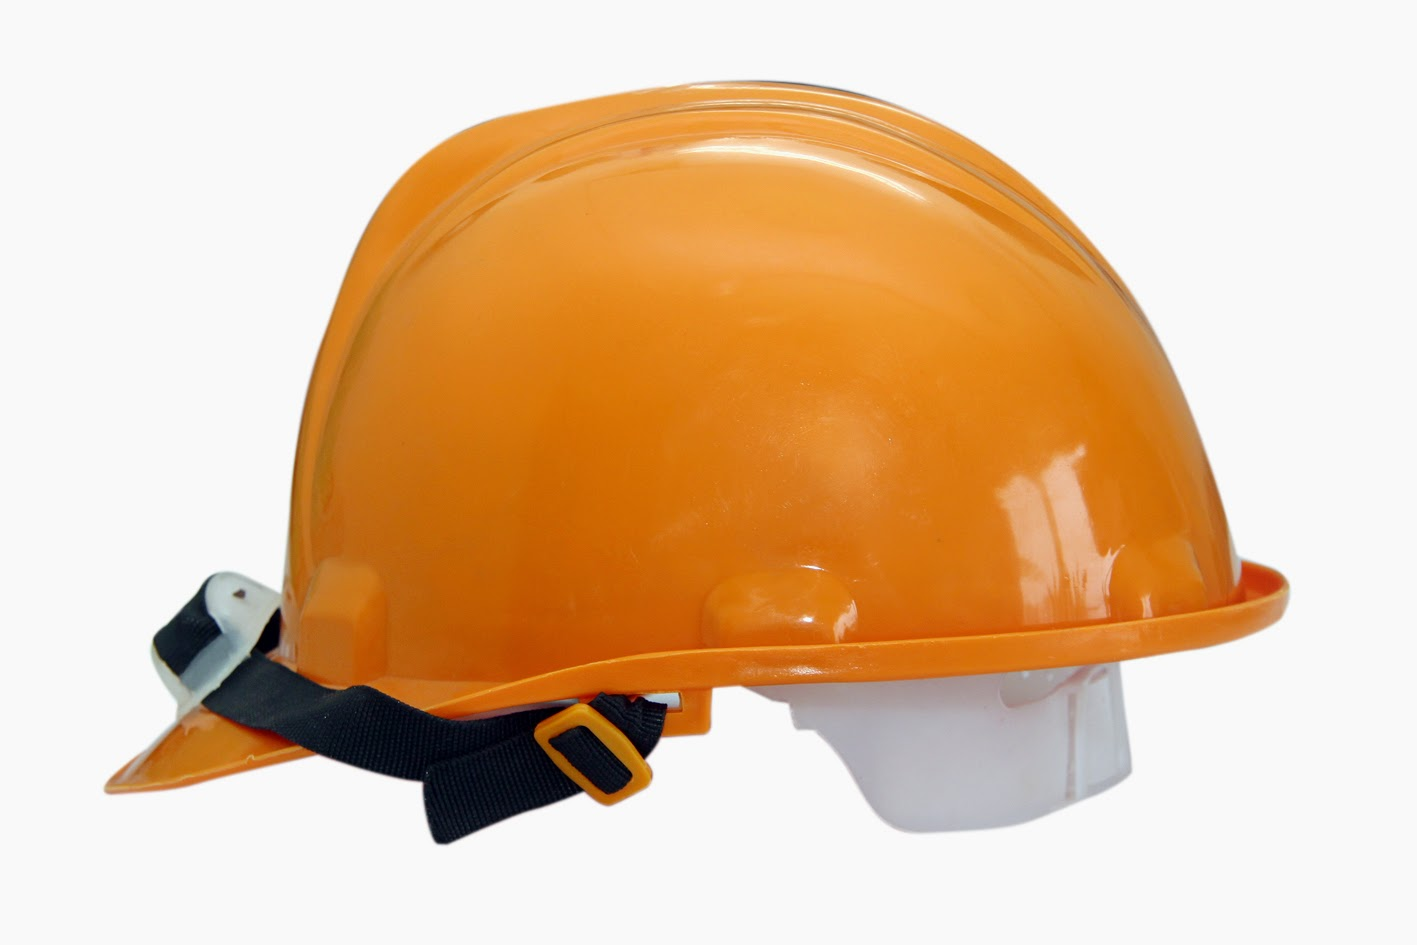 mũ nón bảo hộ lao động giá rẻ Đà Nẵng